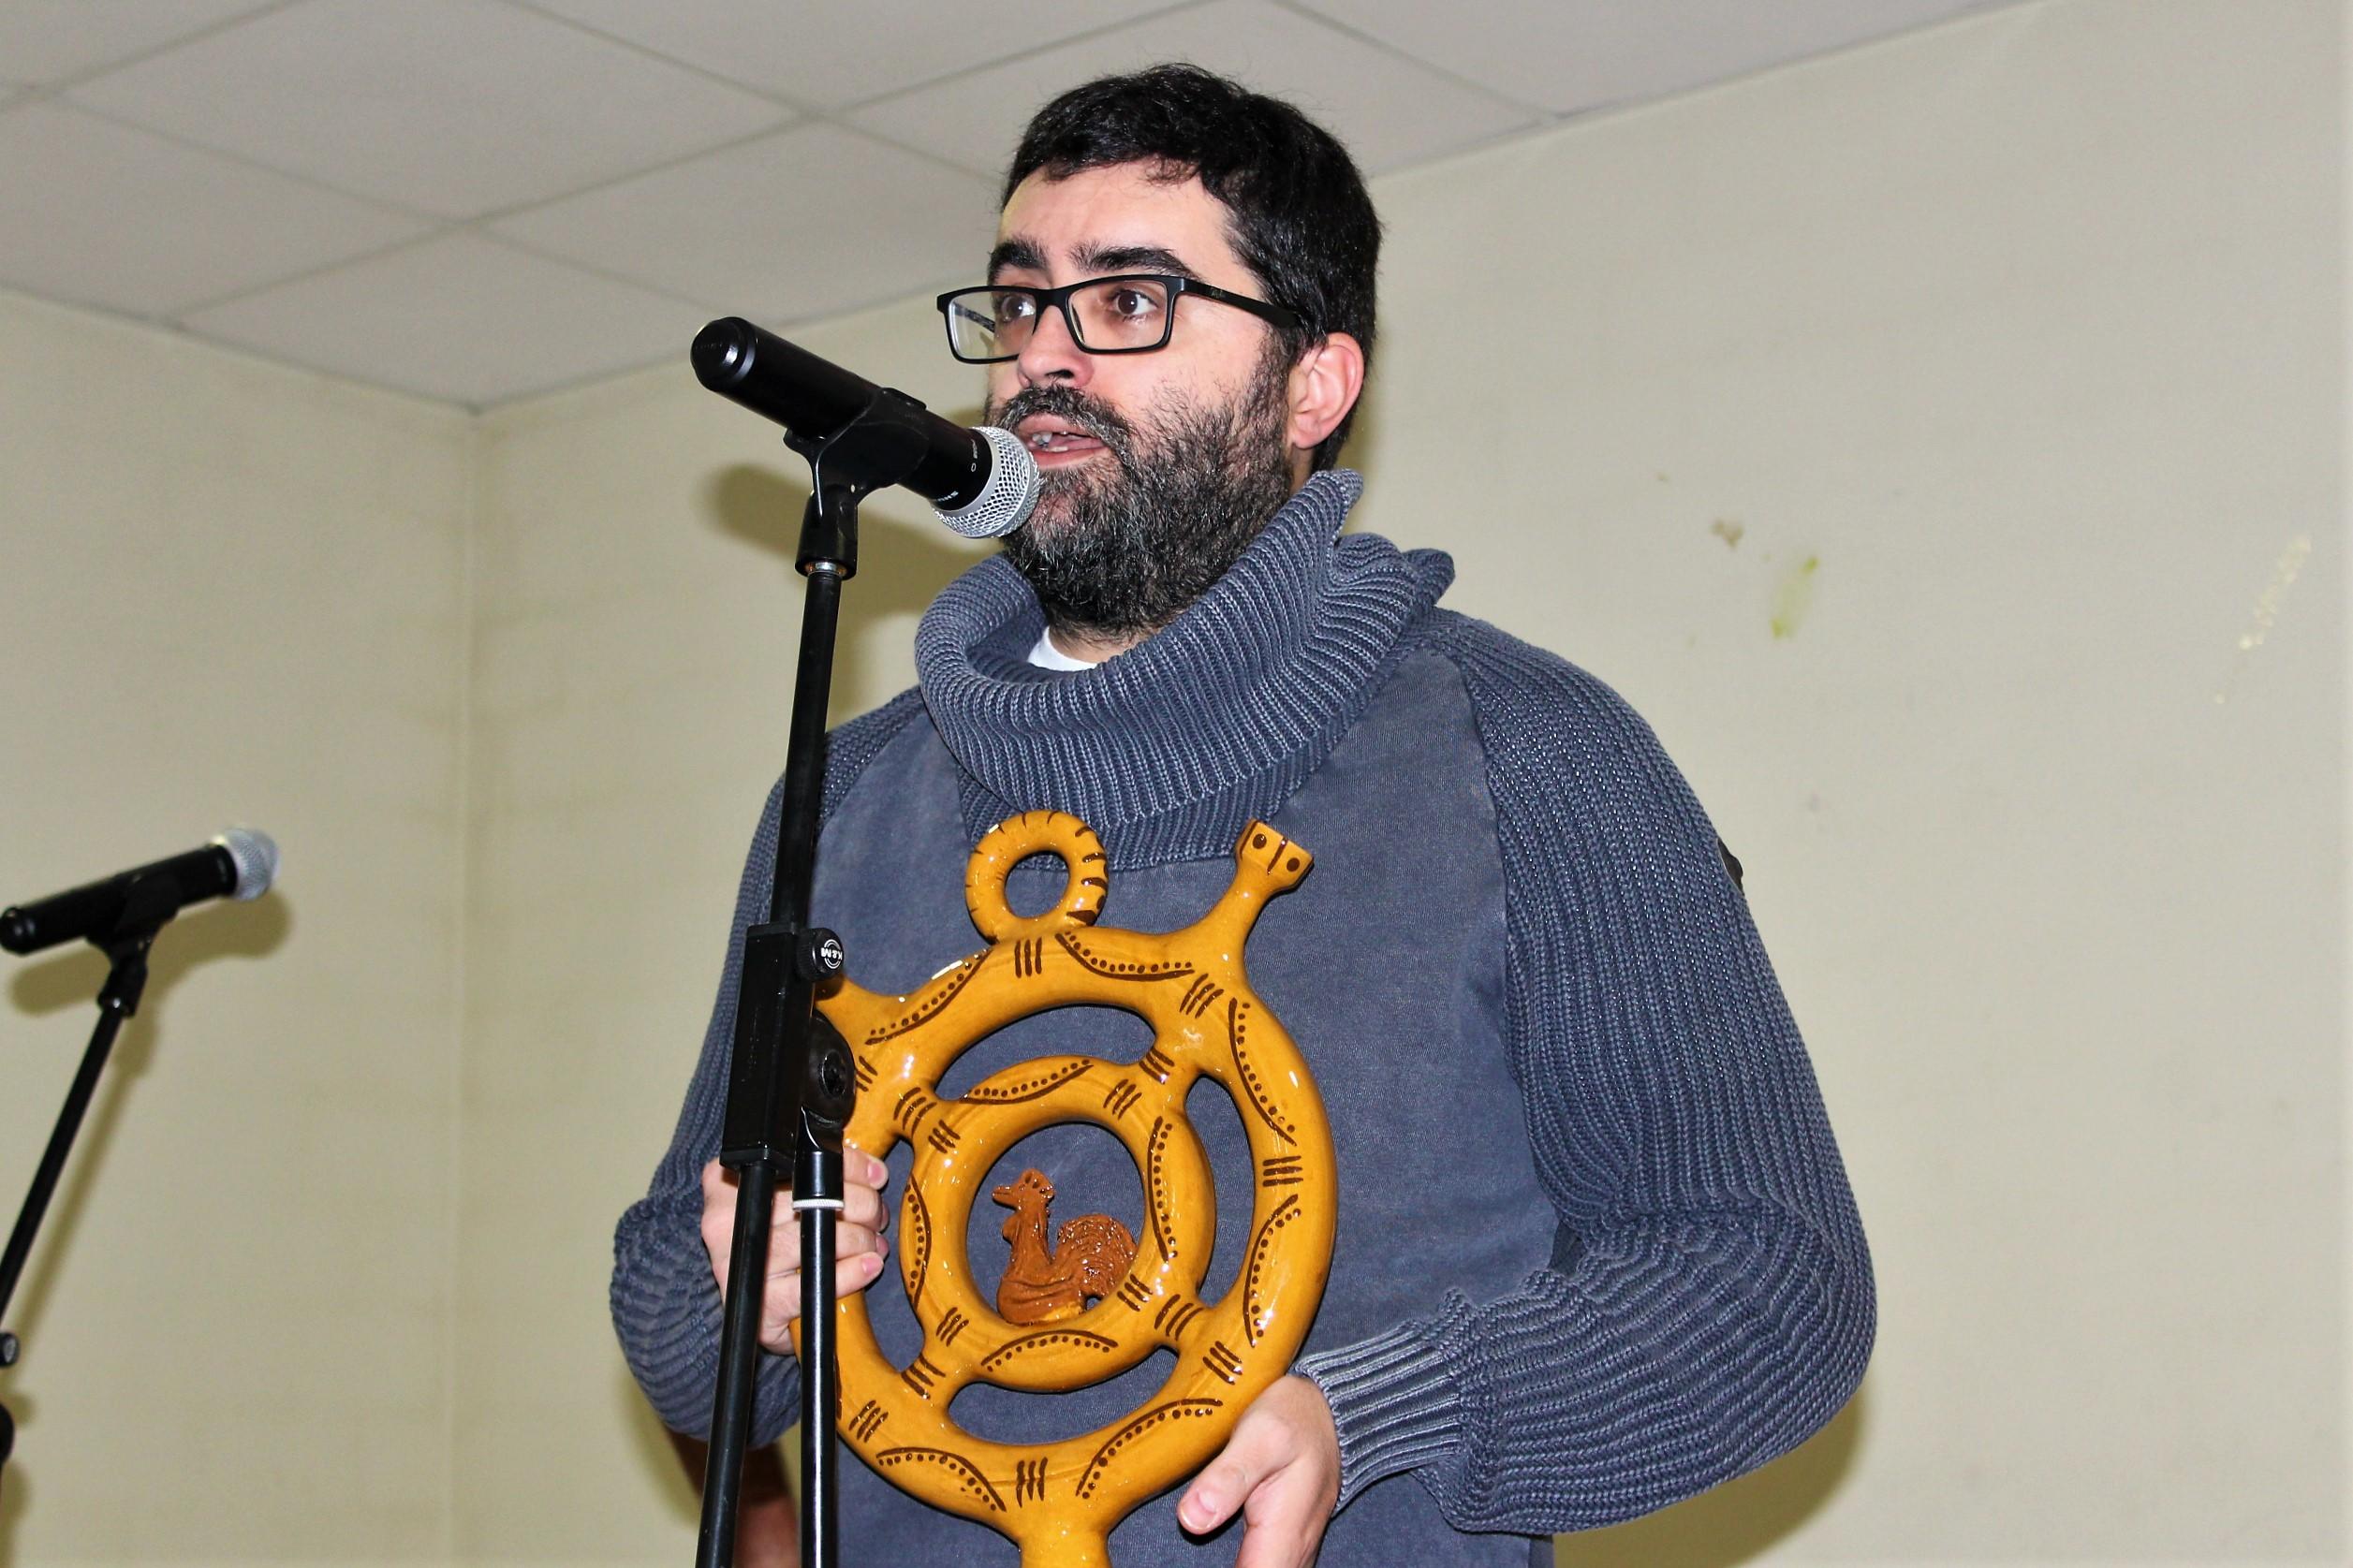 Mario Regueira faise co Premio Lueiro Rey de xornalismo